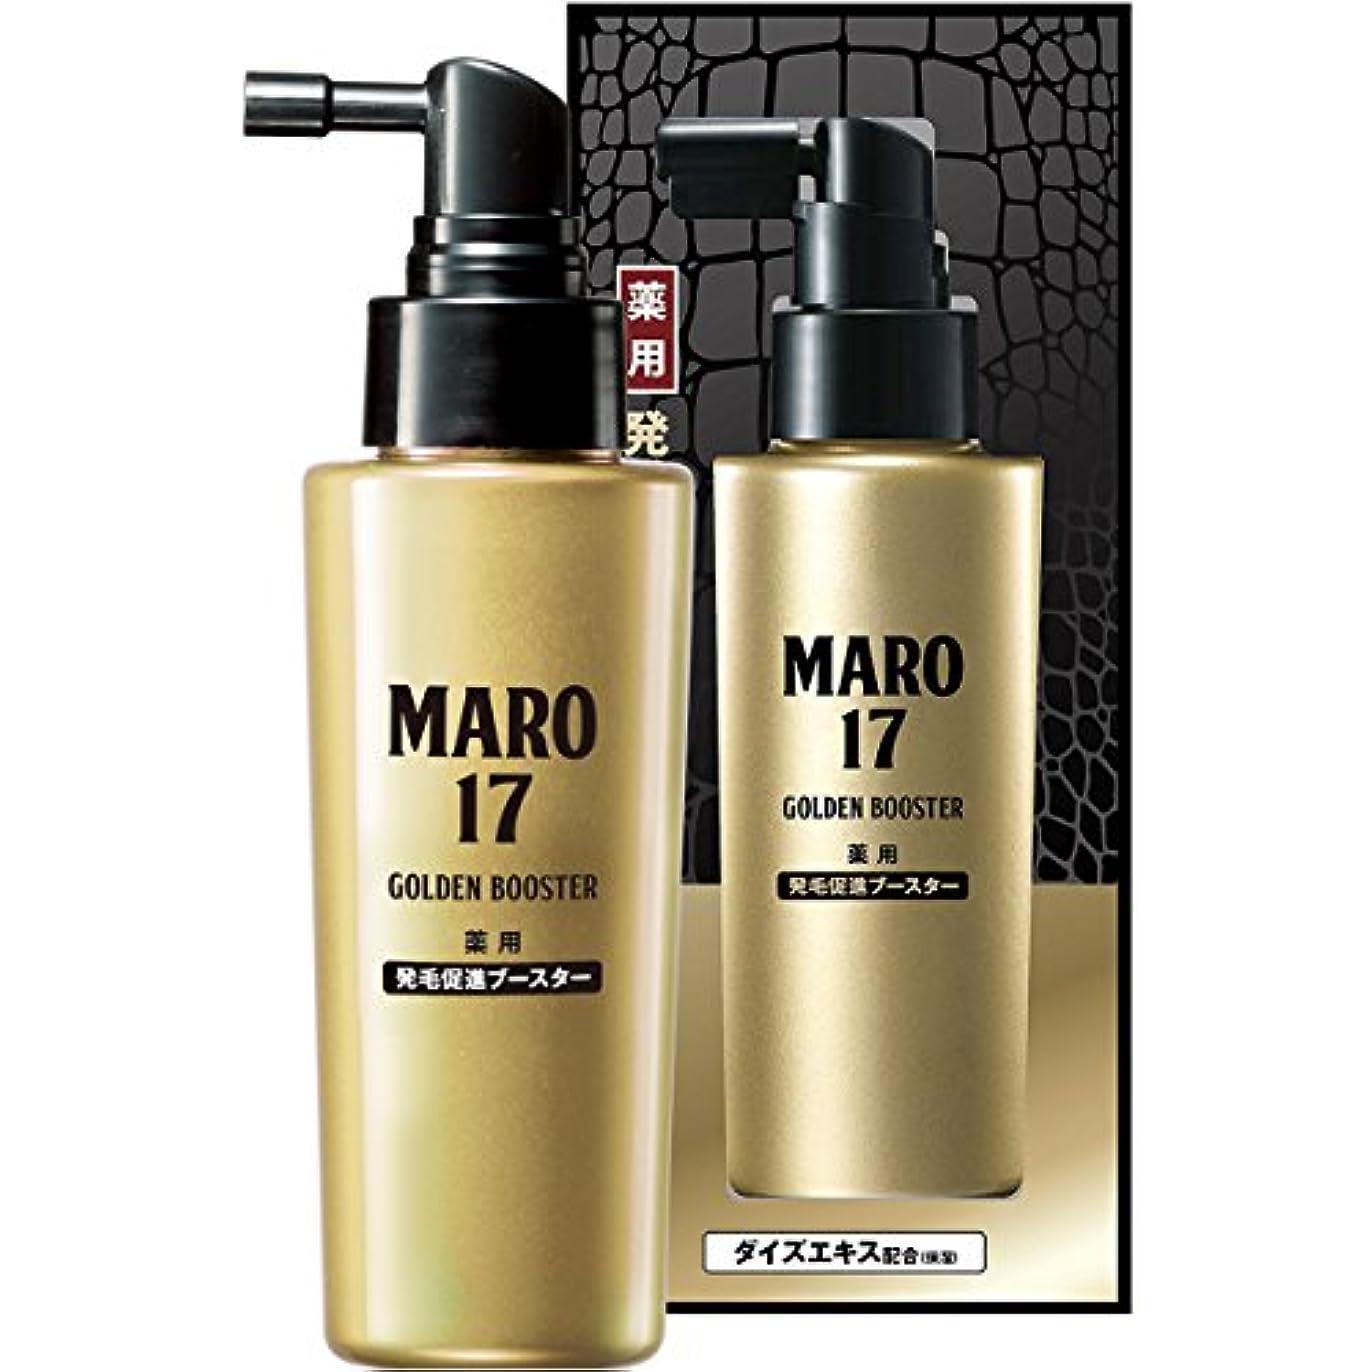 期待してソーダ水決定MARO17 薬用 発毛促進ブースター 100ml (約1ヶ月分)【医薬部外品】